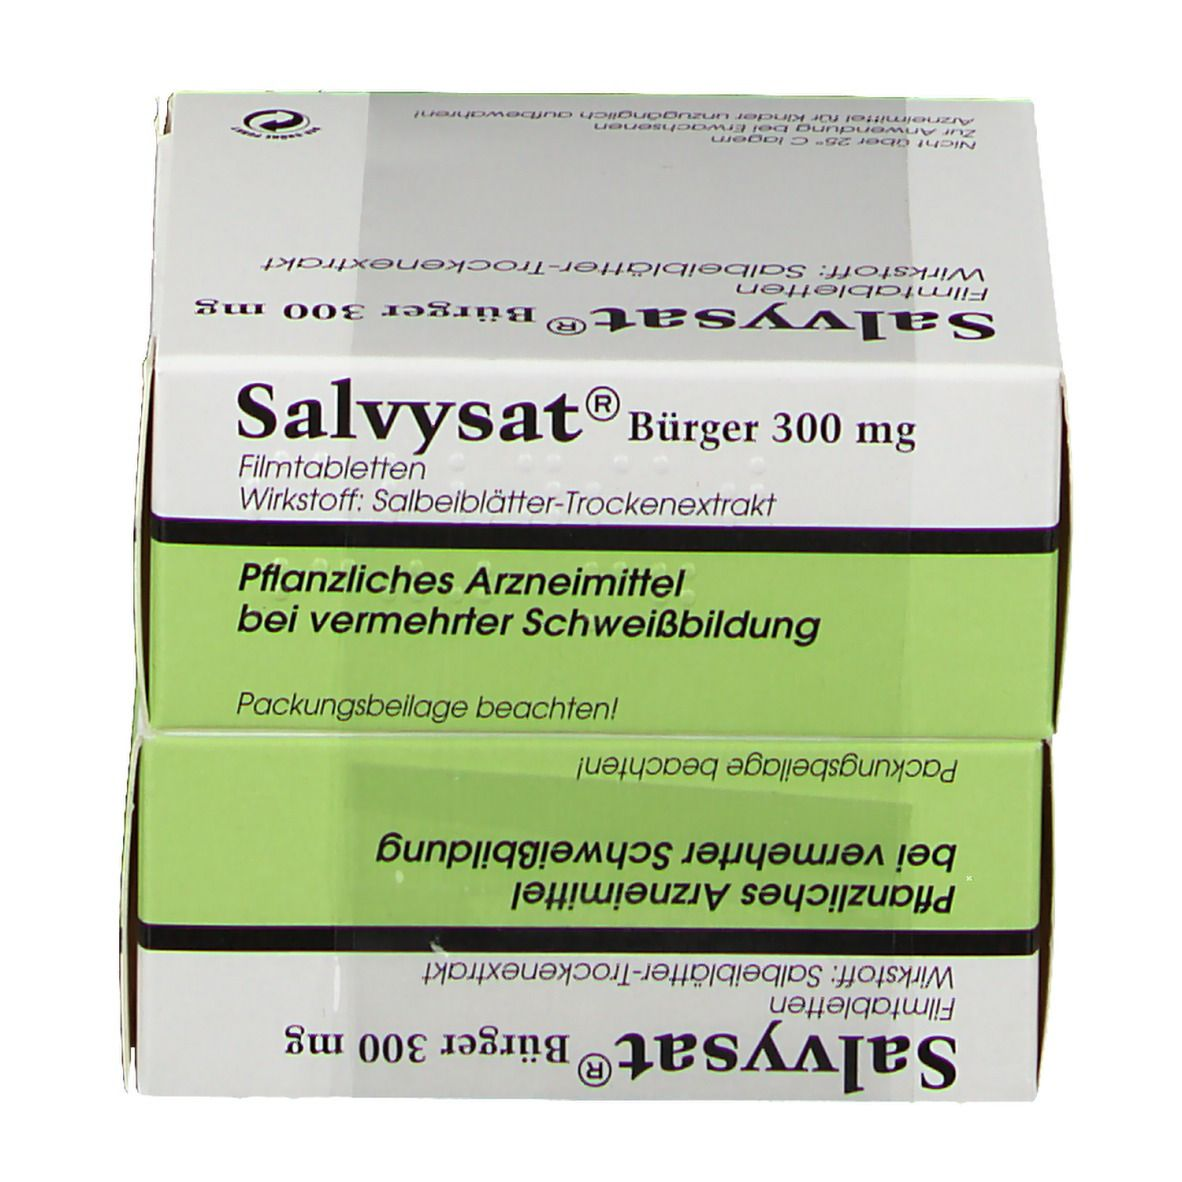 Salvysat® Bürger 300 mg